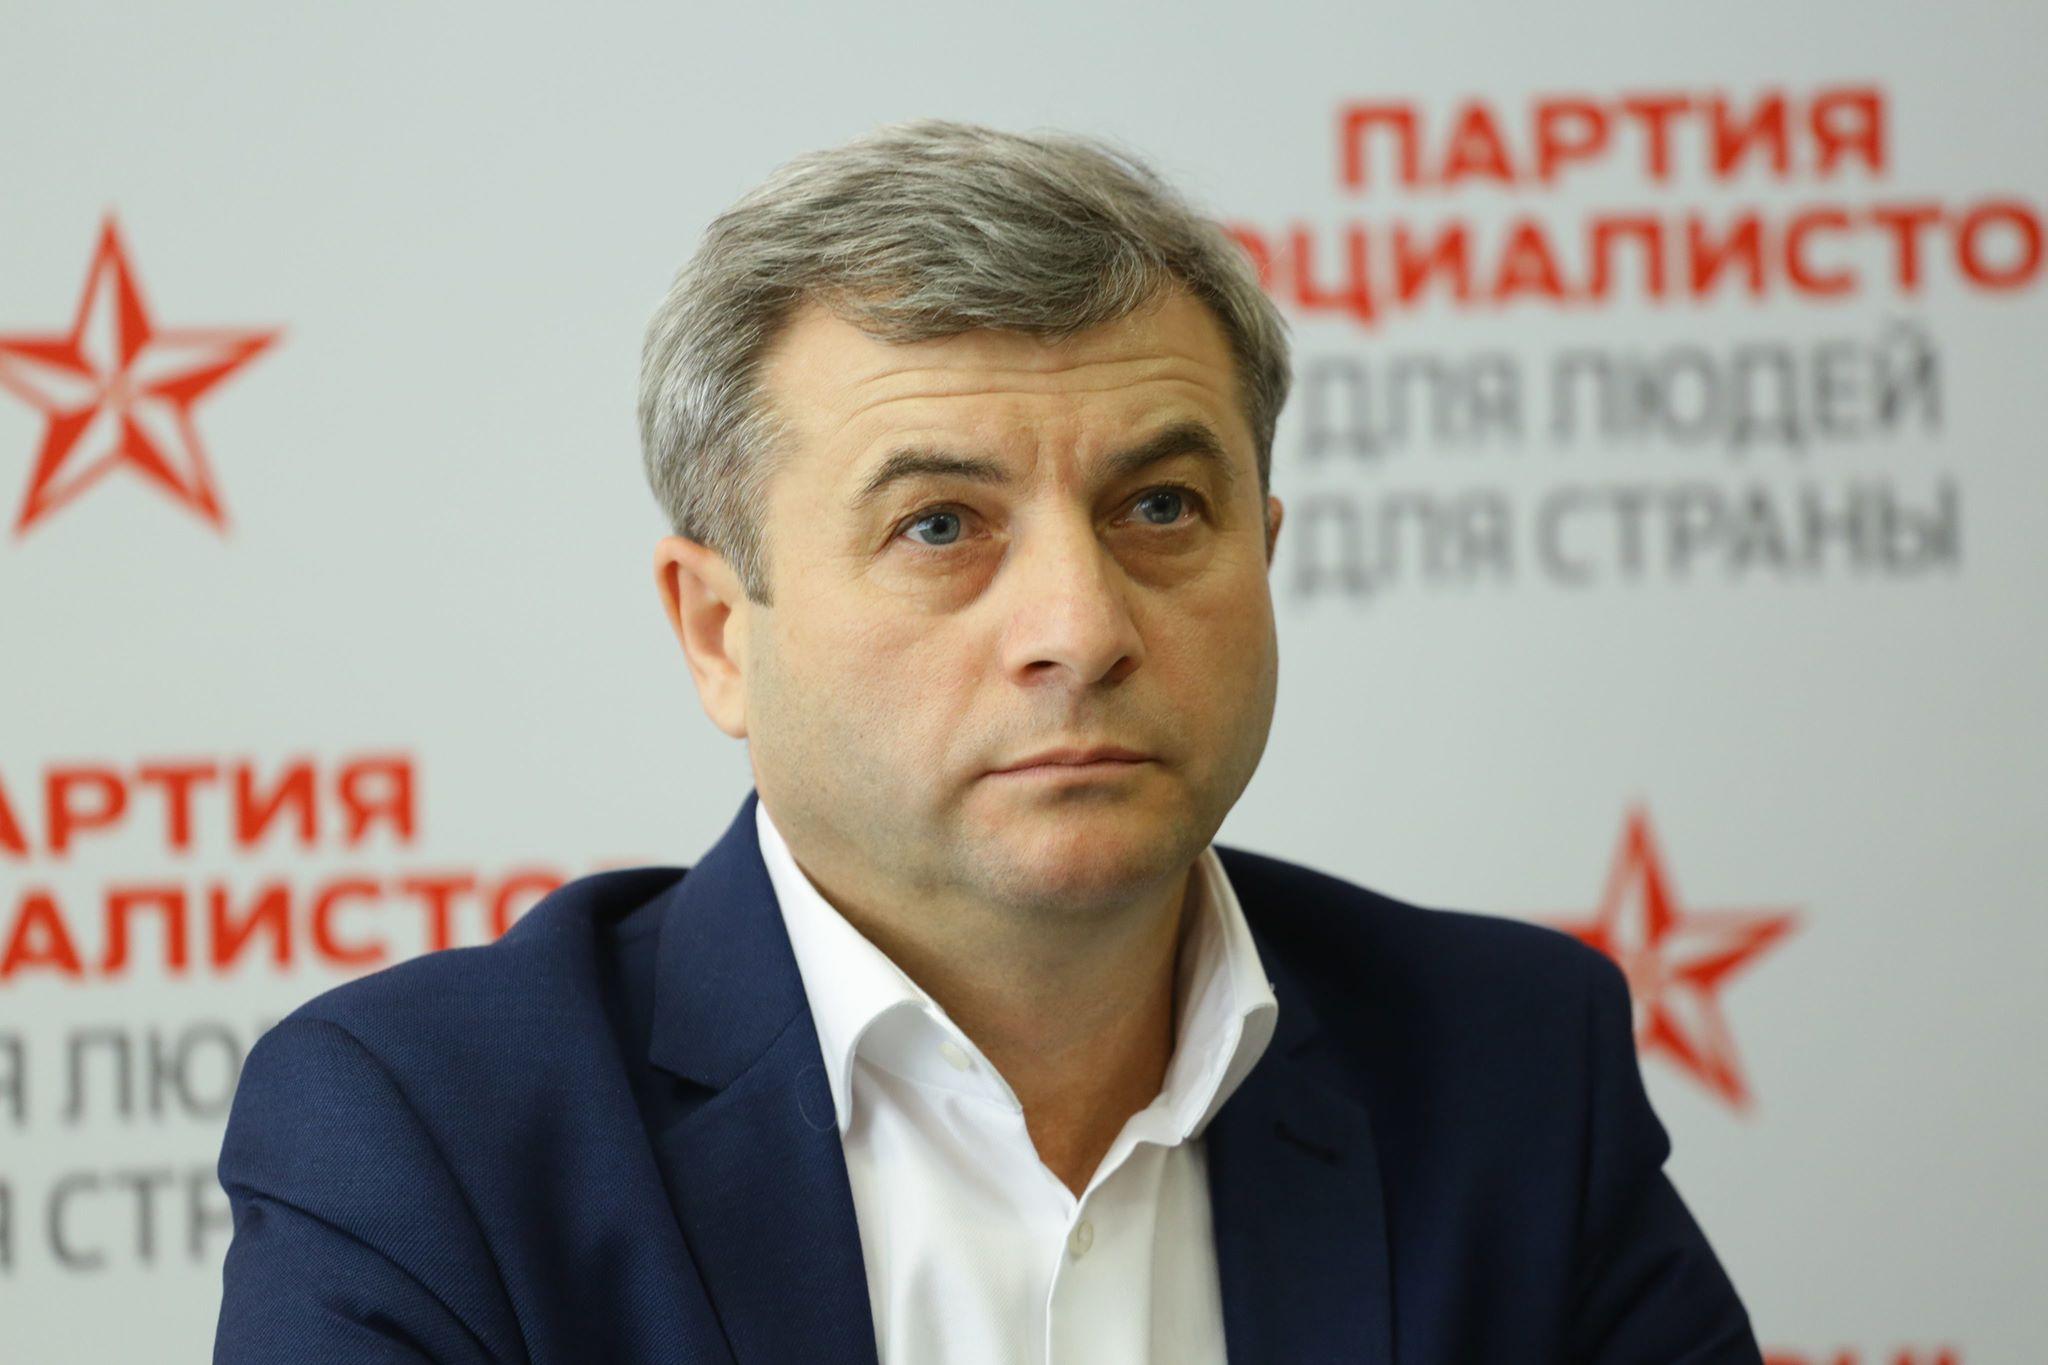 Corneliu Furculiță: Ajutorul extern nu trebuie să fie politizat, ci direcționat pentru a face viața oamenilor mai bună